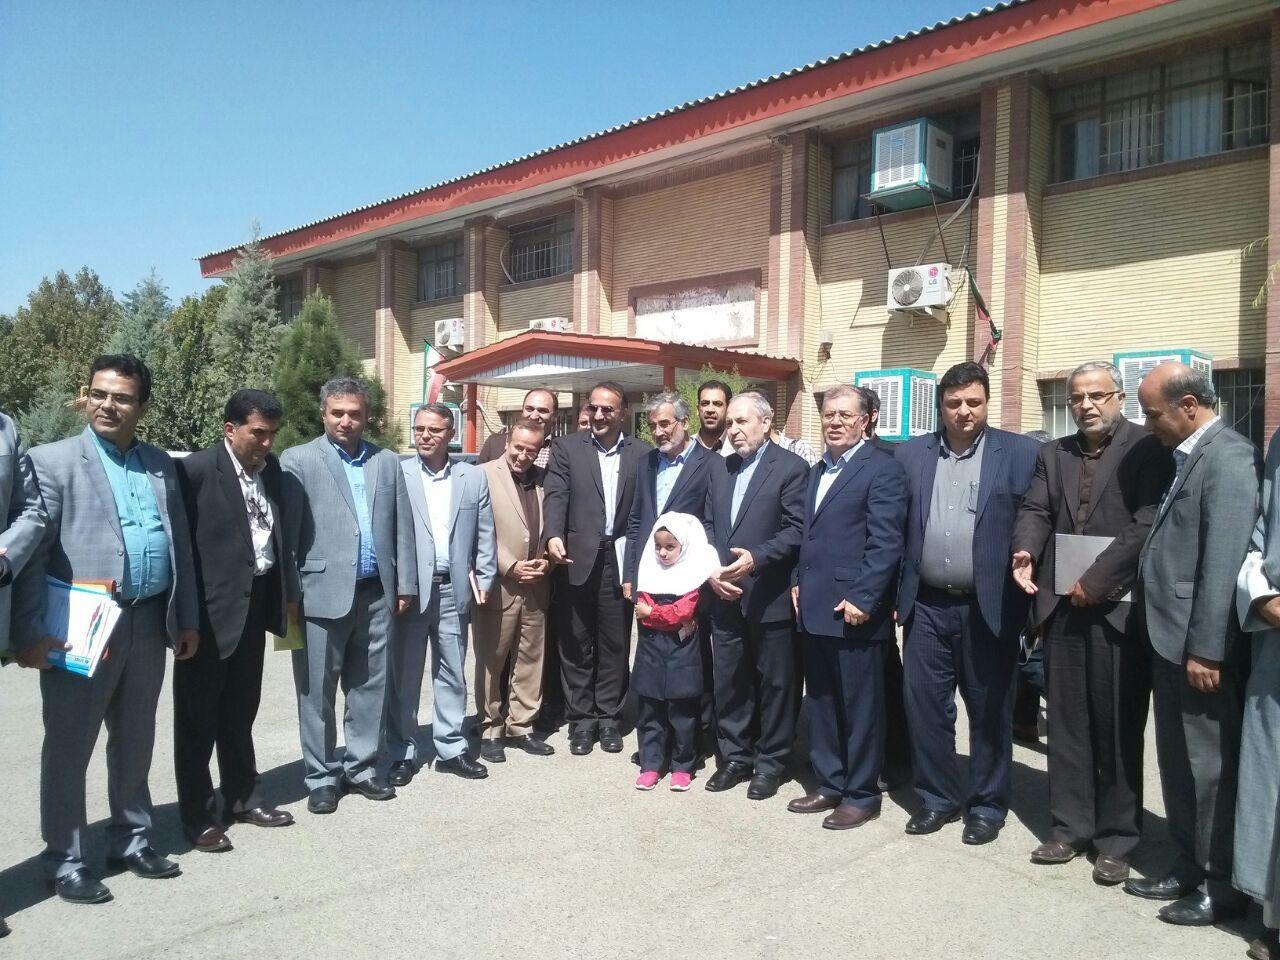 وزیر آمورزش و پرورش در کرج: بر جذب نیروهای بومی  آموزش و پرورش تاکید داریم